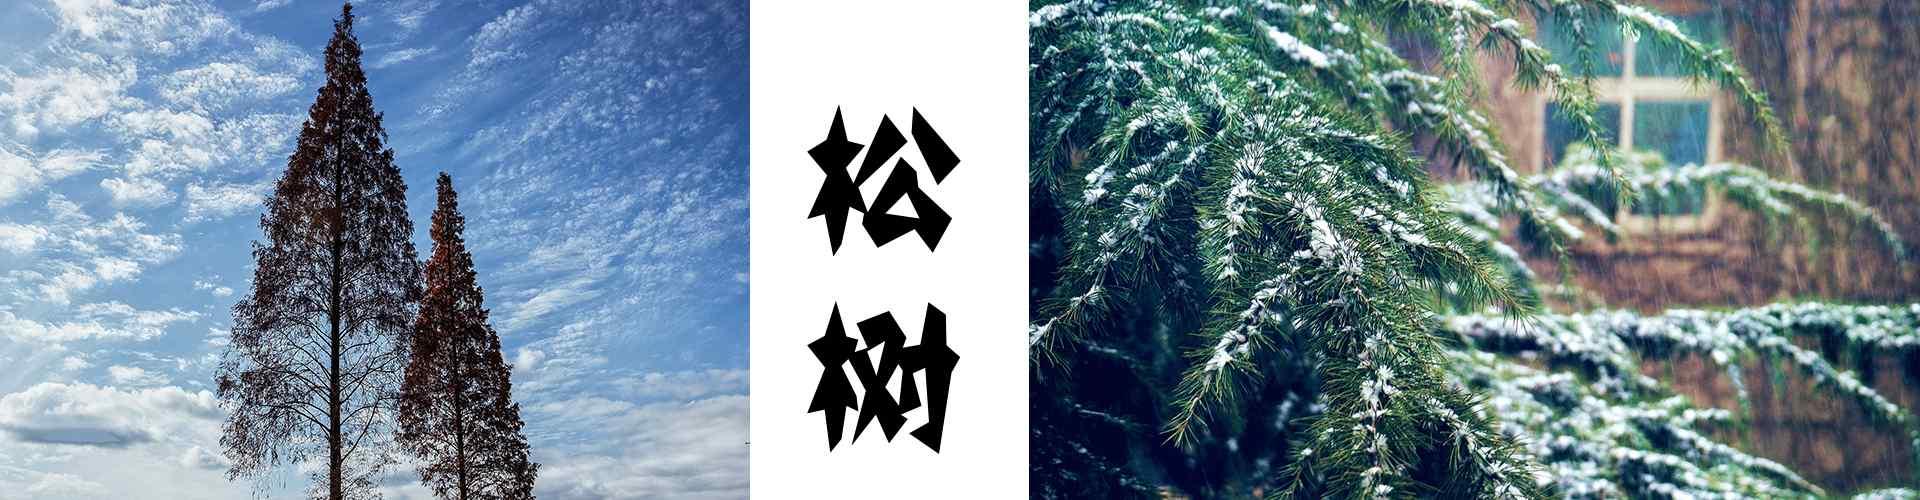 绿色松树_松树图片_大松树_松树盆栽_小松树_松针图片_植物壁纸